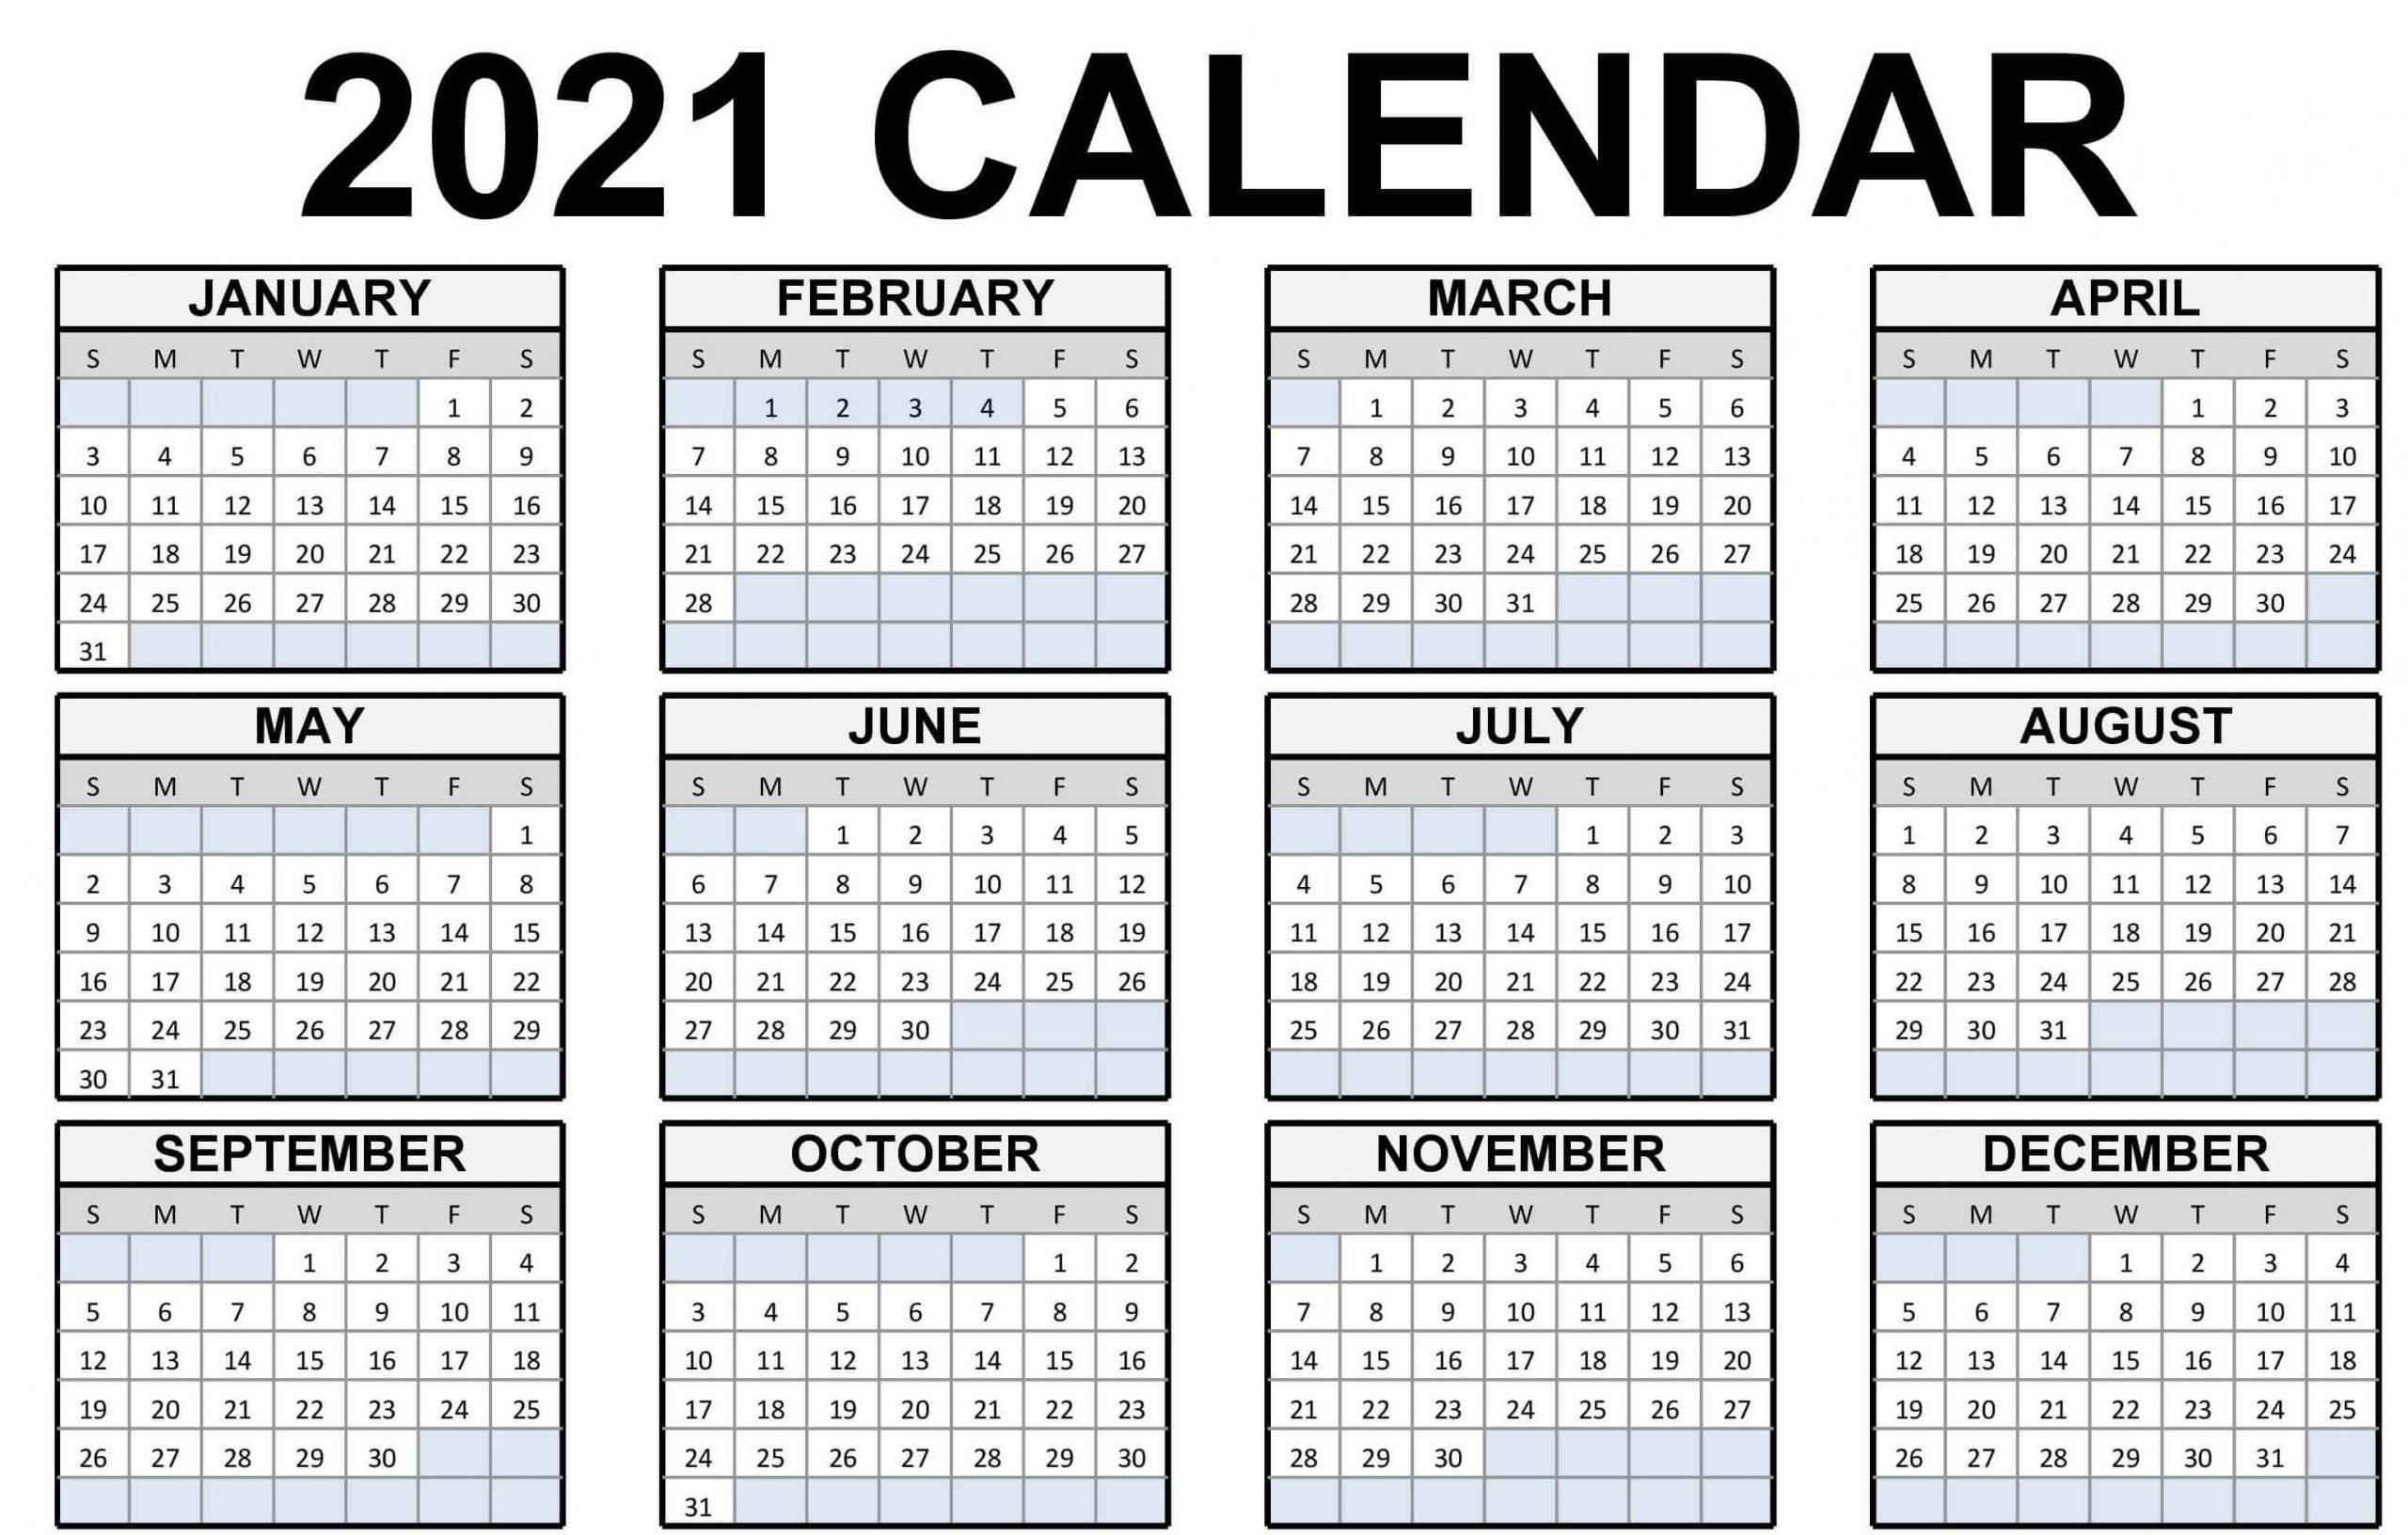 Full Year Calendar 2021 Template